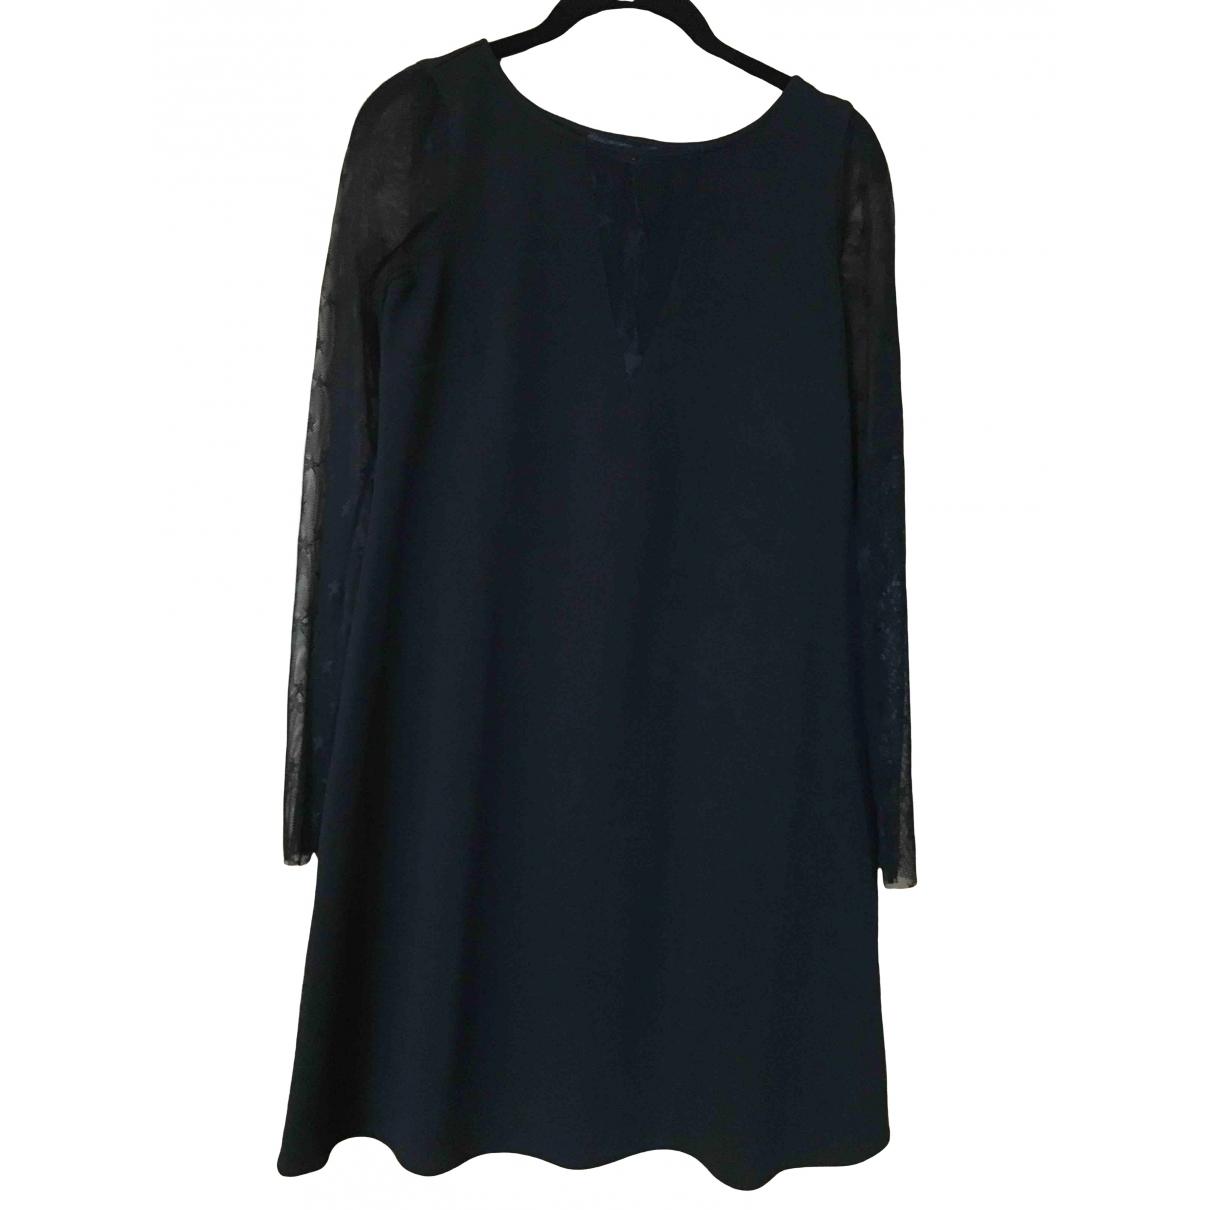 Liu.jo \N Black dress for Women 40 IT